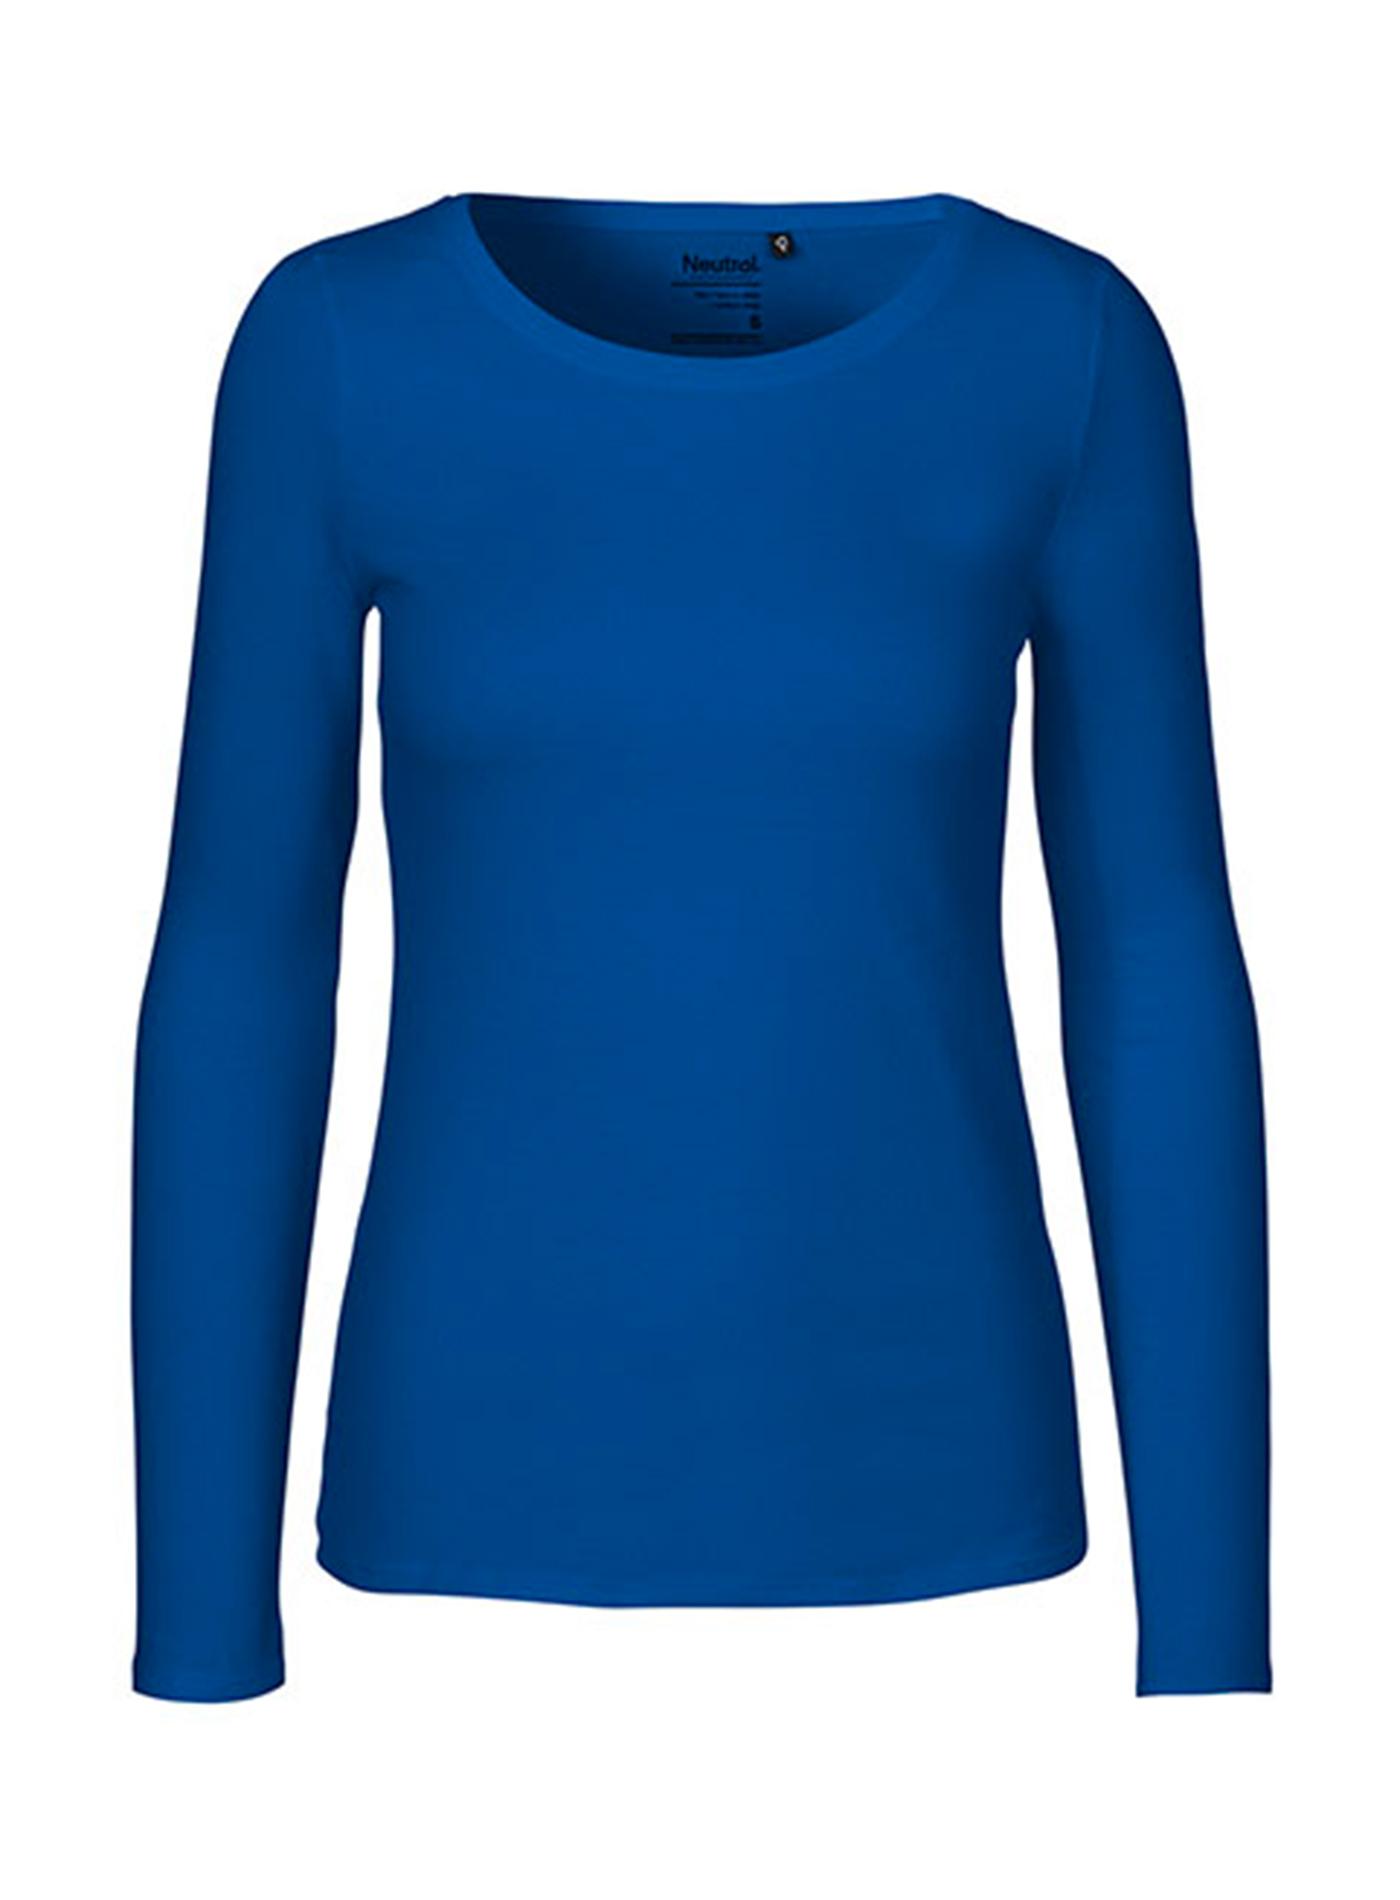 Dámské tričko s dlouhým rukávem Neutral - Královská modrá XXL